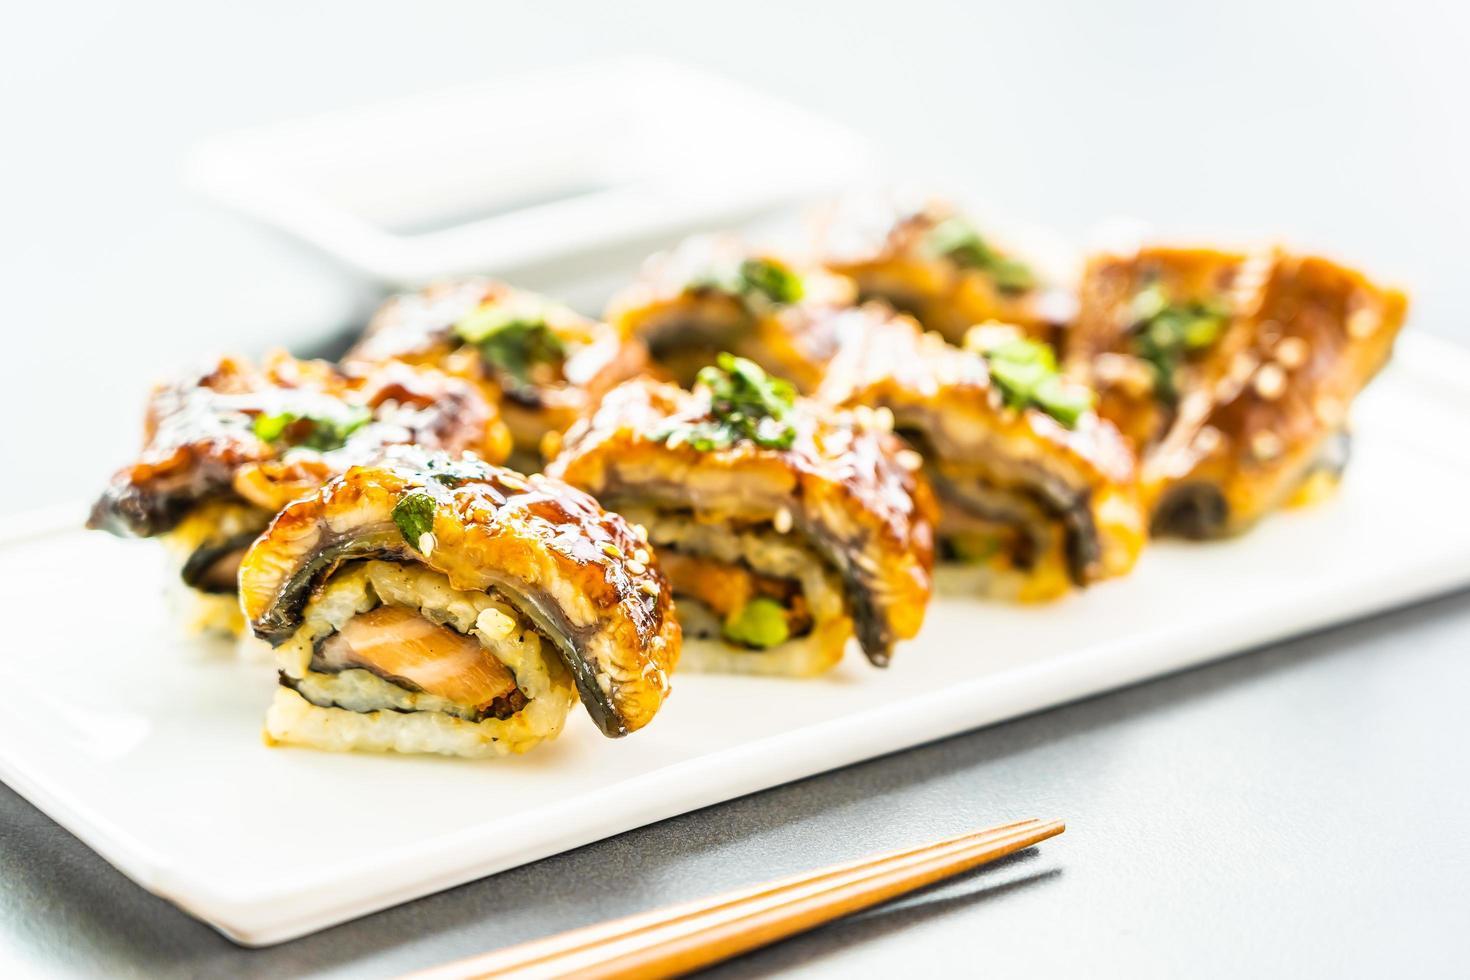 Rollo de maki de sushi de anguila a la parrilla o pescado unagi con salsa dulce foto